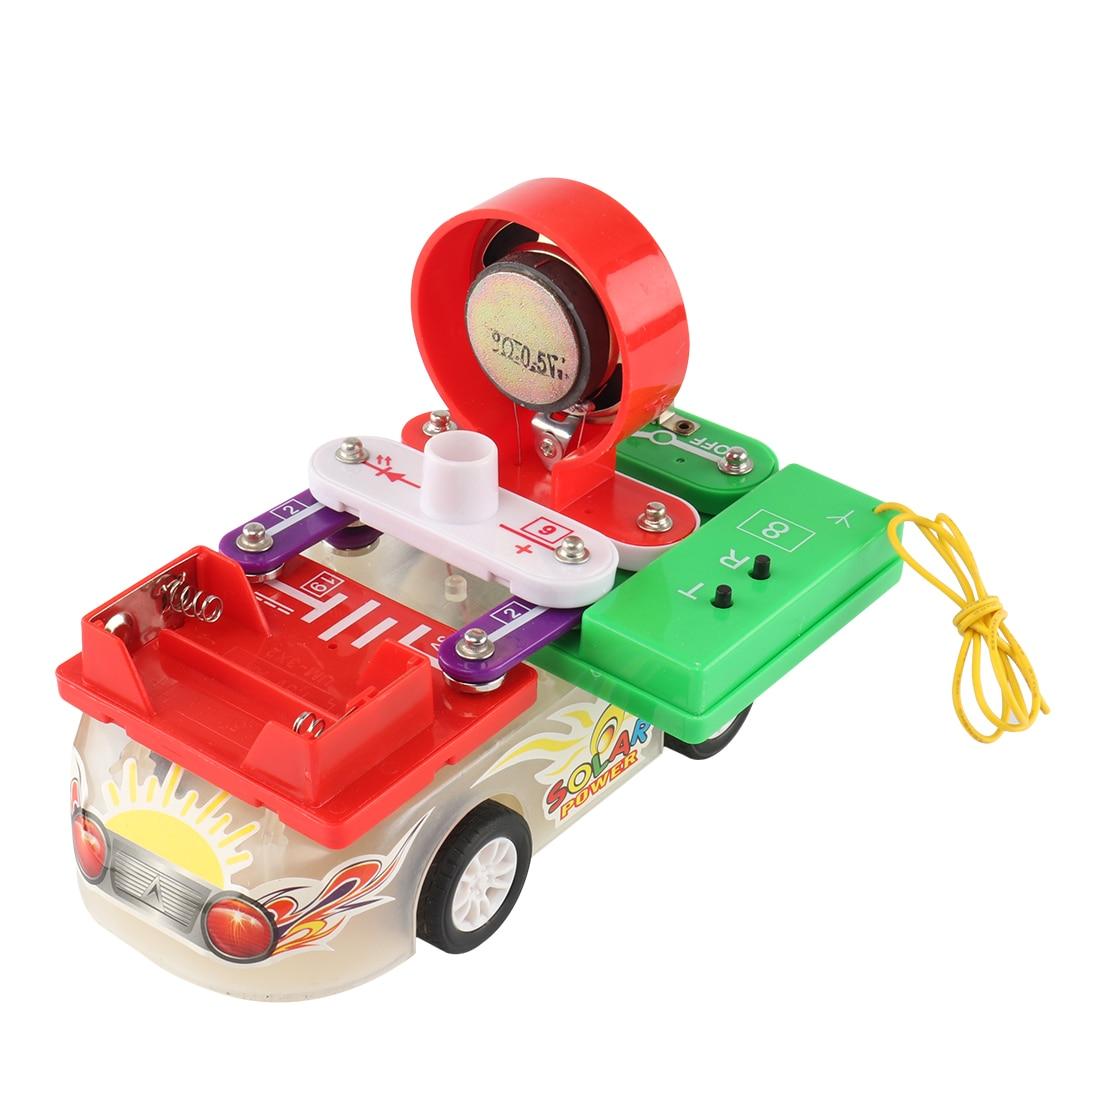 Qualité voiture énergie solaire jouet voiture Racer Gadget éducatif jouets électrique bloc de construction apprentissage jouets éducatifs pour les enfants